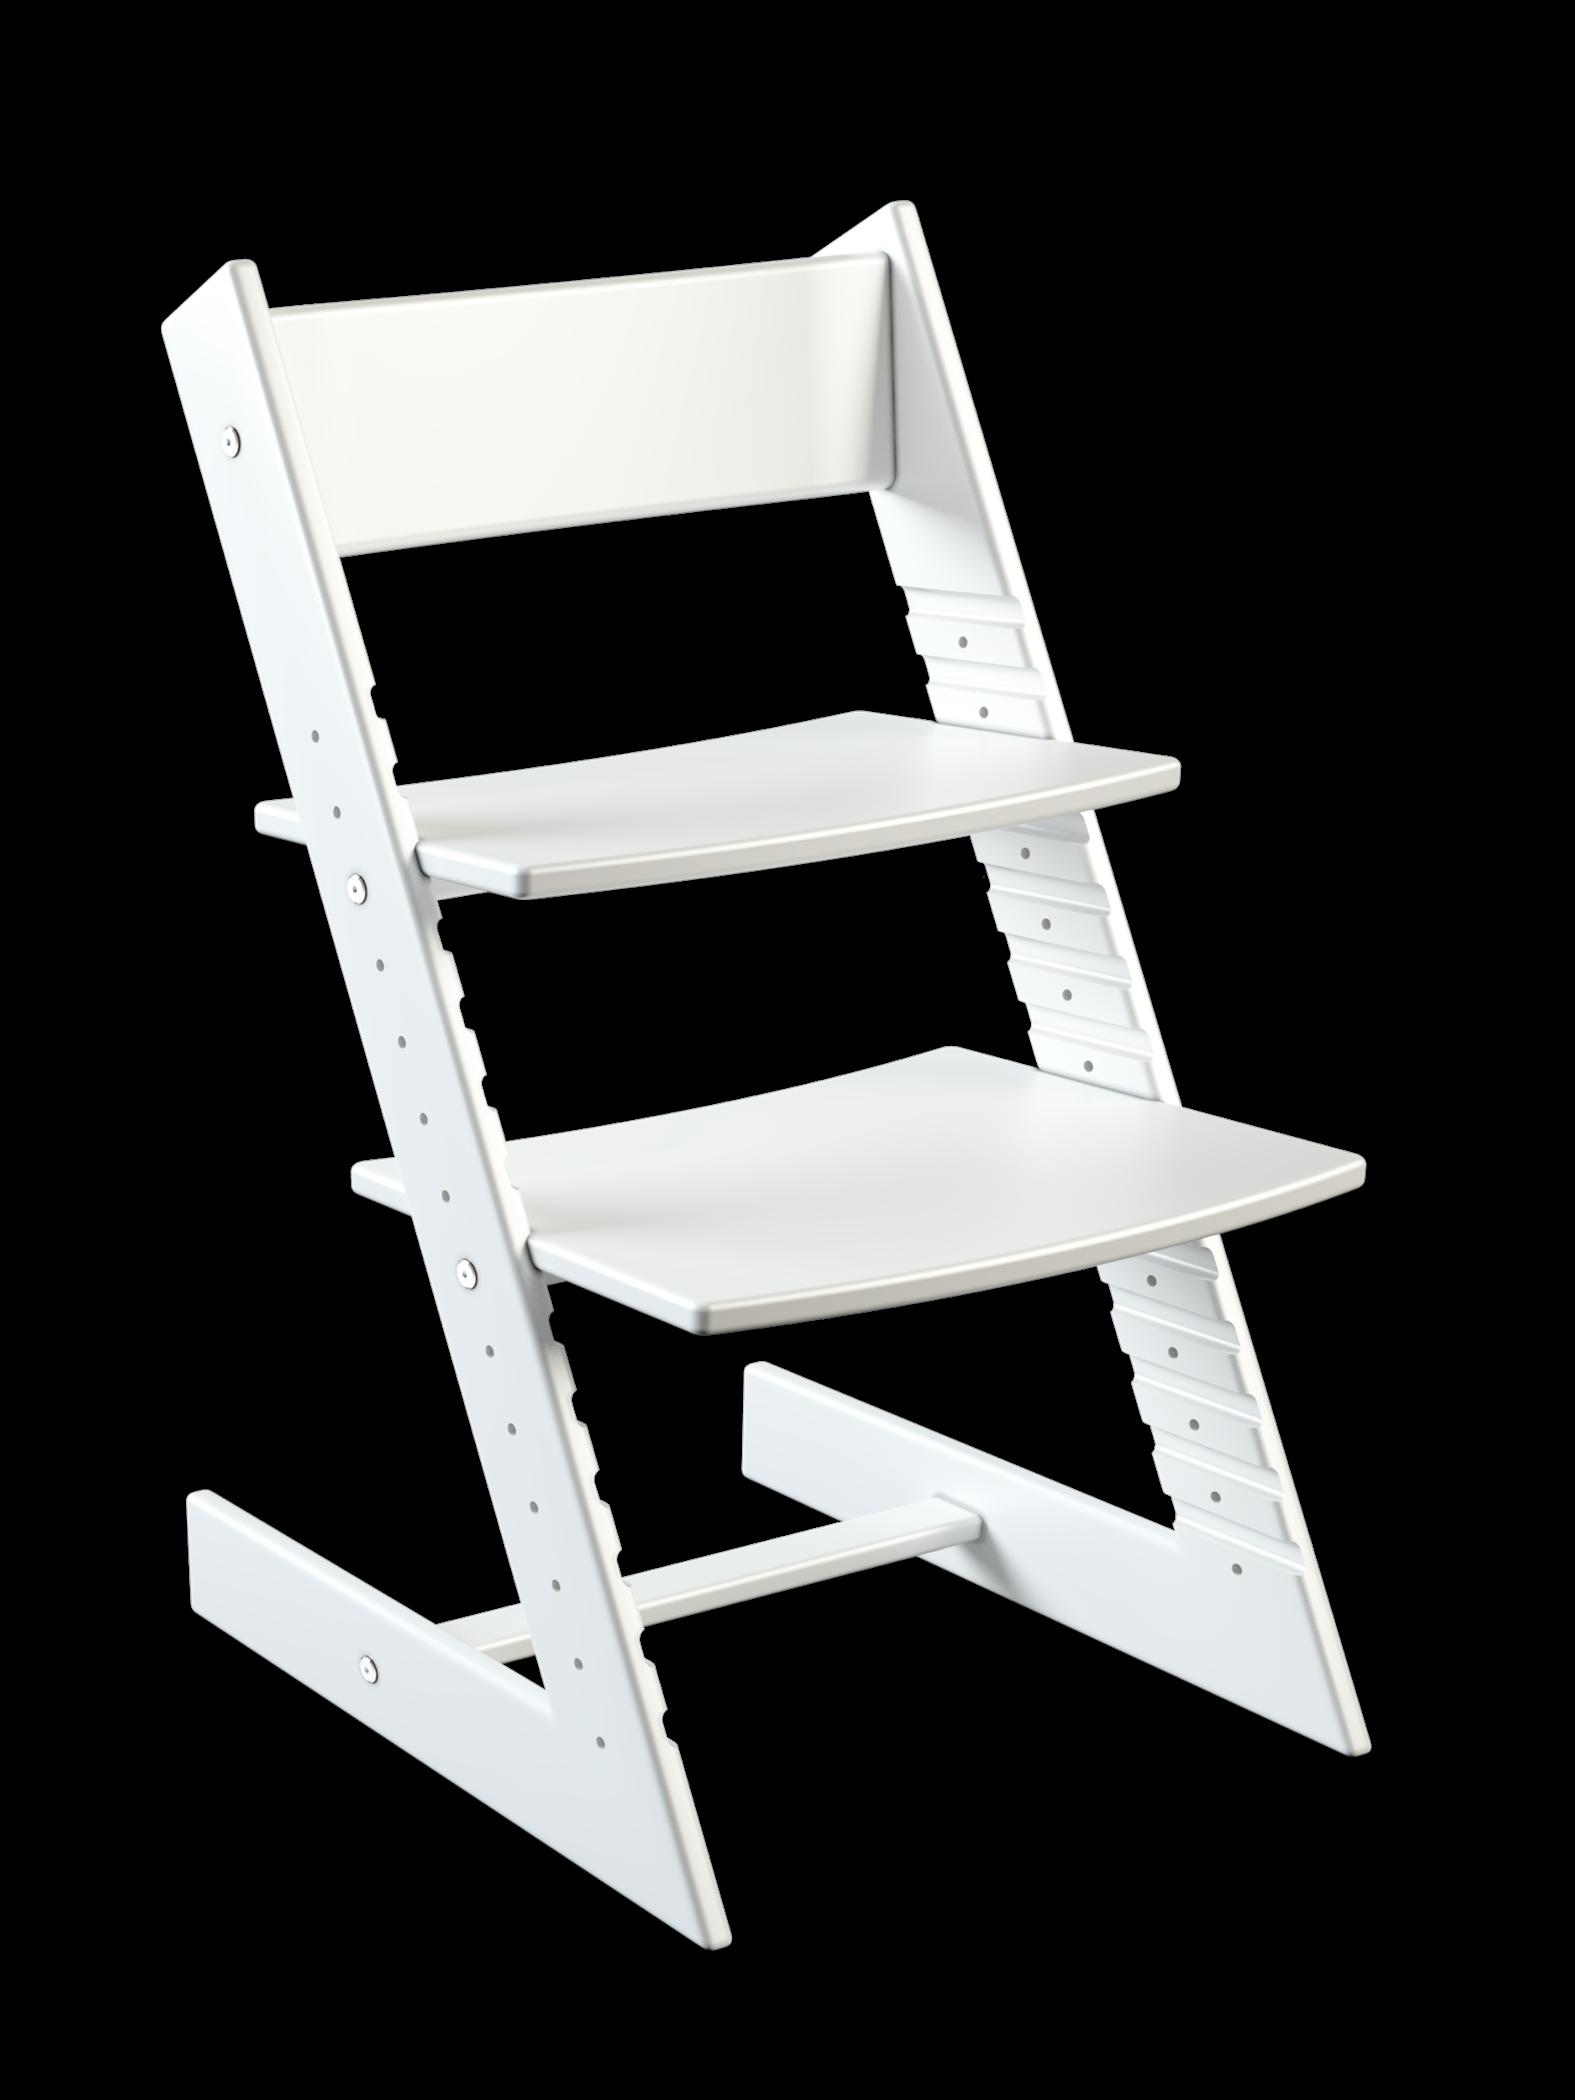 Купить Детский растущий стул из бука Премиум Конёк Горбунёк, цвет Белый бук, Конек Горбунек,